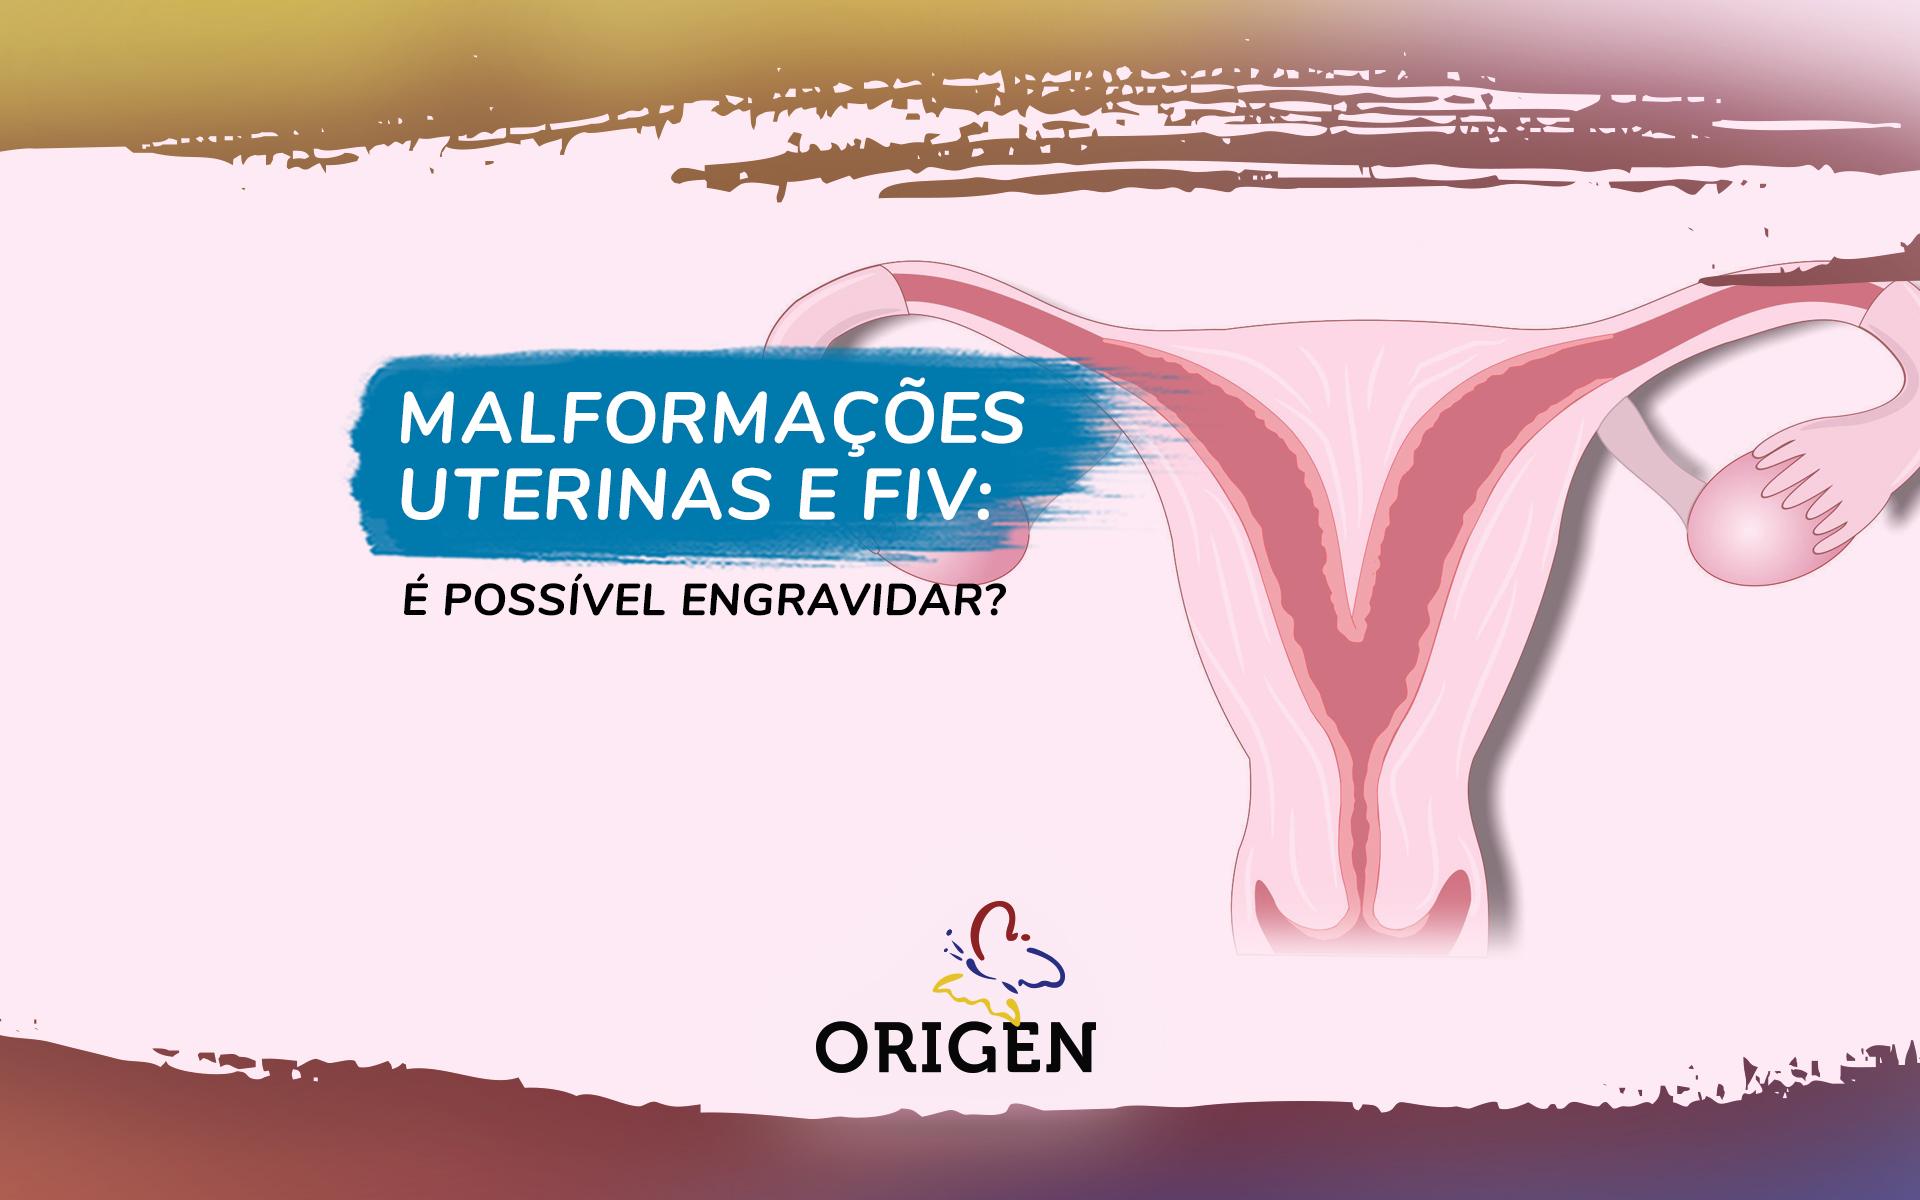 Malformações uterinas e FIV: é possível engravidar?